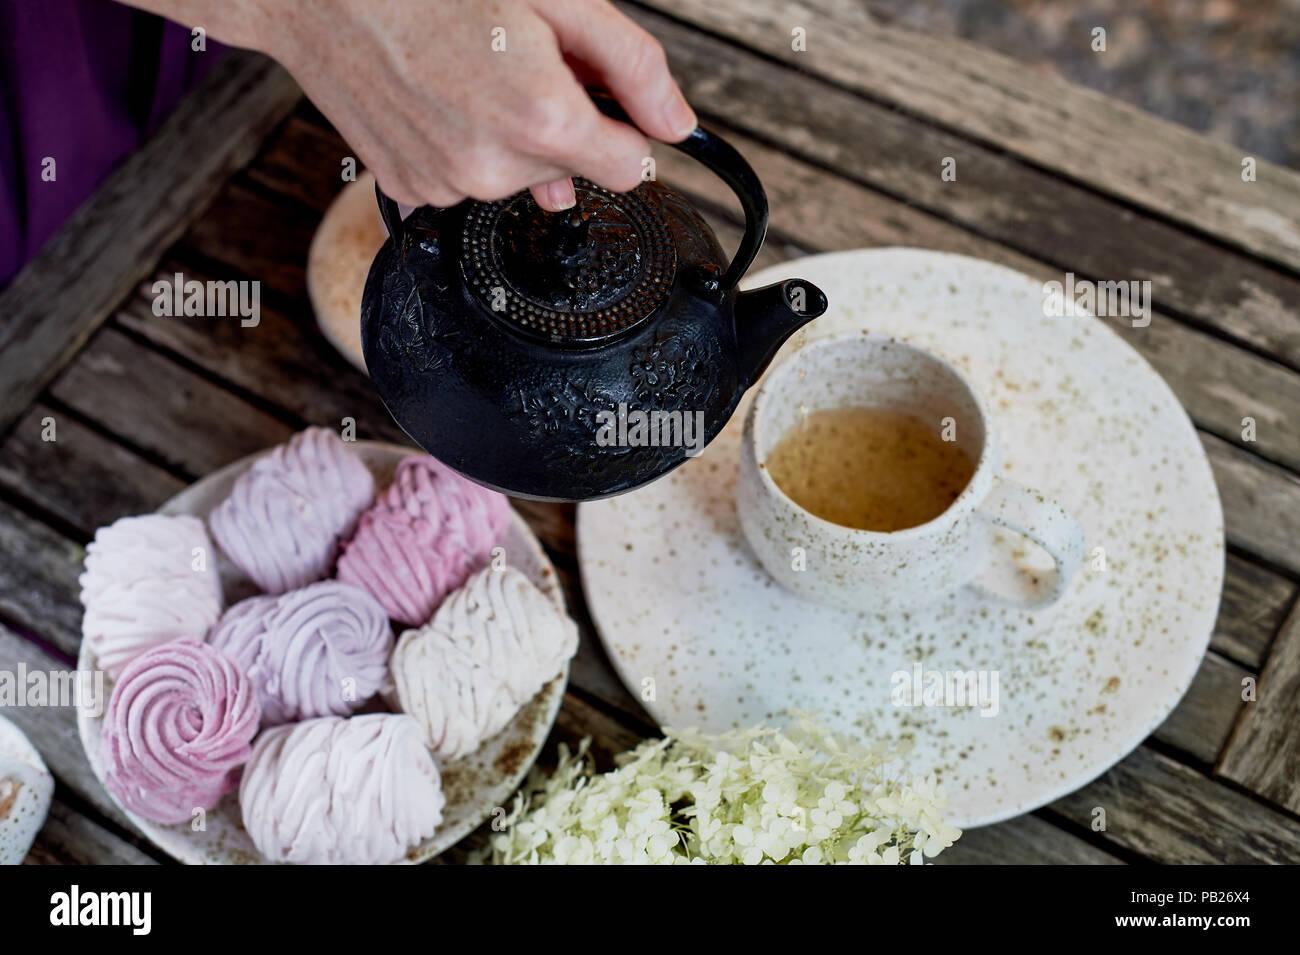 Frauenhände, gießen Kaffee in eine Tasse, die Tabelle ist in der Luft. Marshmallow. Hortensie Stockbild